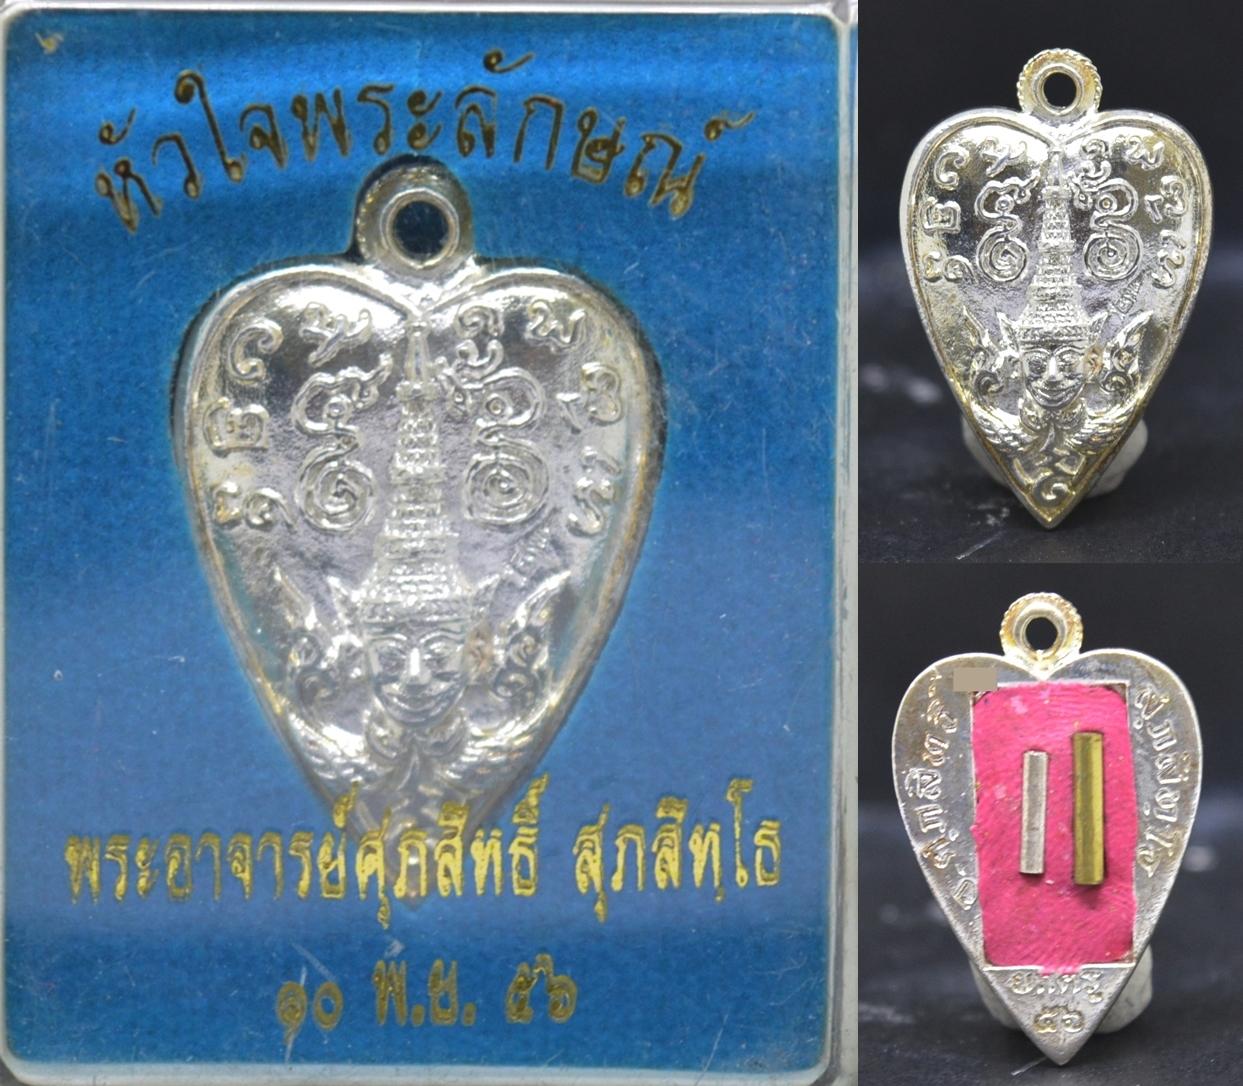 หัวใจพระลักษณ์หน้าทอง เนื้อทองบรอนซ์ชุบทองขาว พระอาจารย์ศุภสิทธิ์ วัดบางน้ำชน 2556